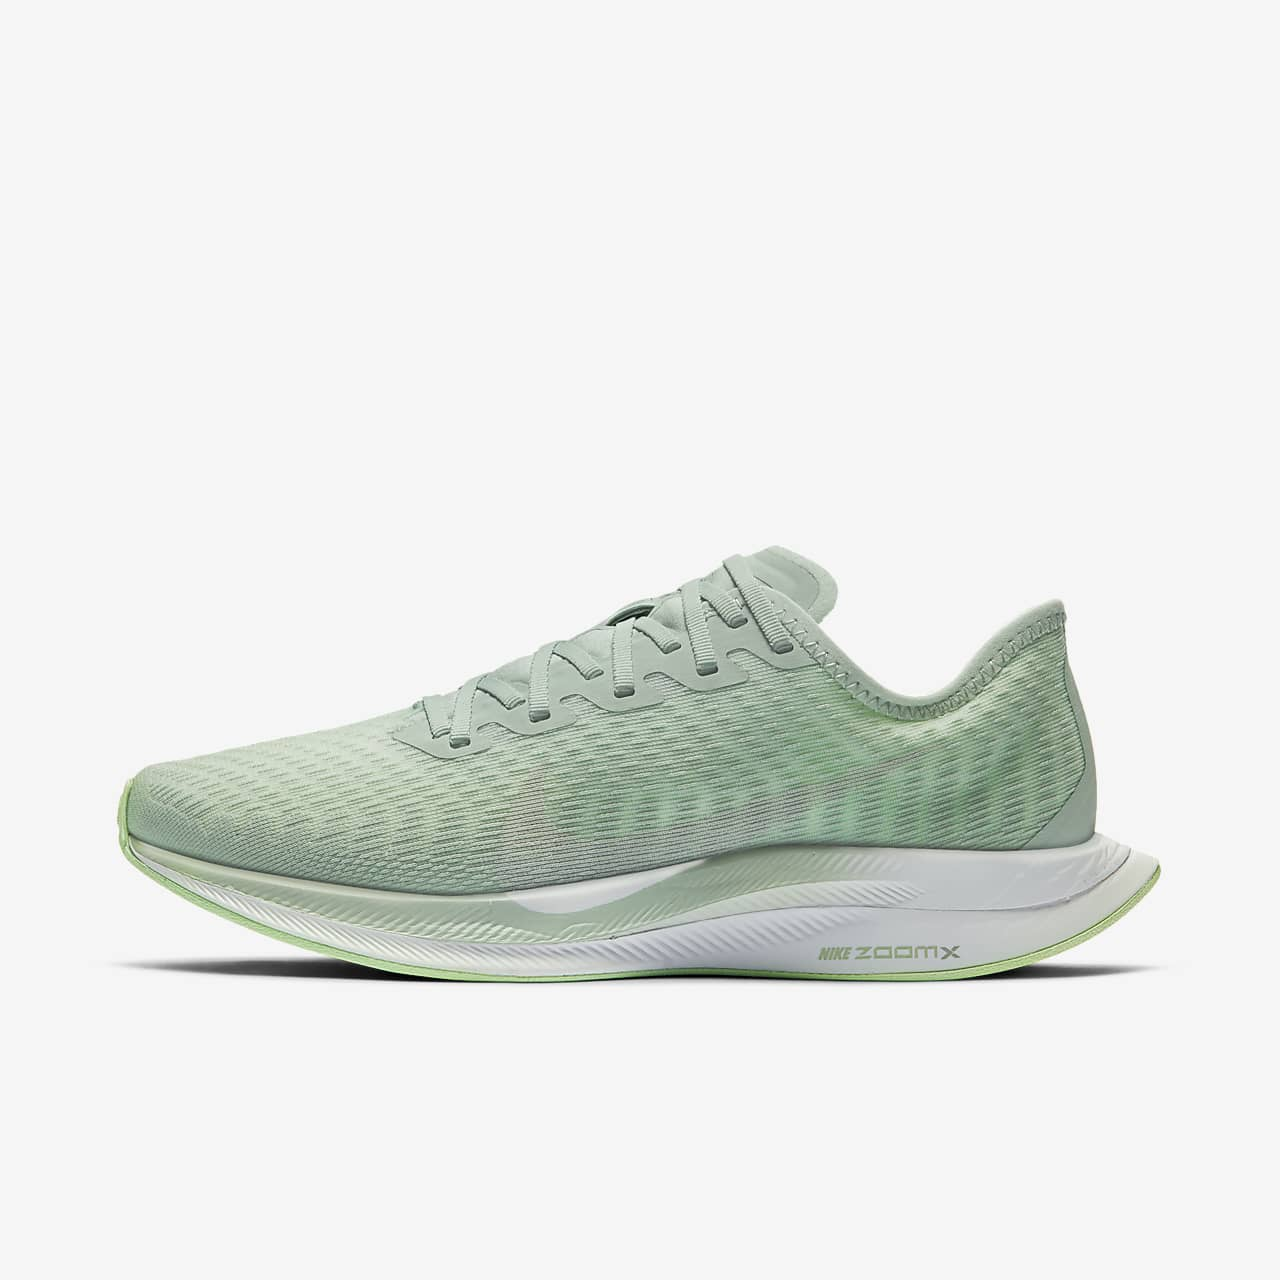 รองเท้าวิ่งผู้หญิง Nike Zoom Pegasus Turbo 2